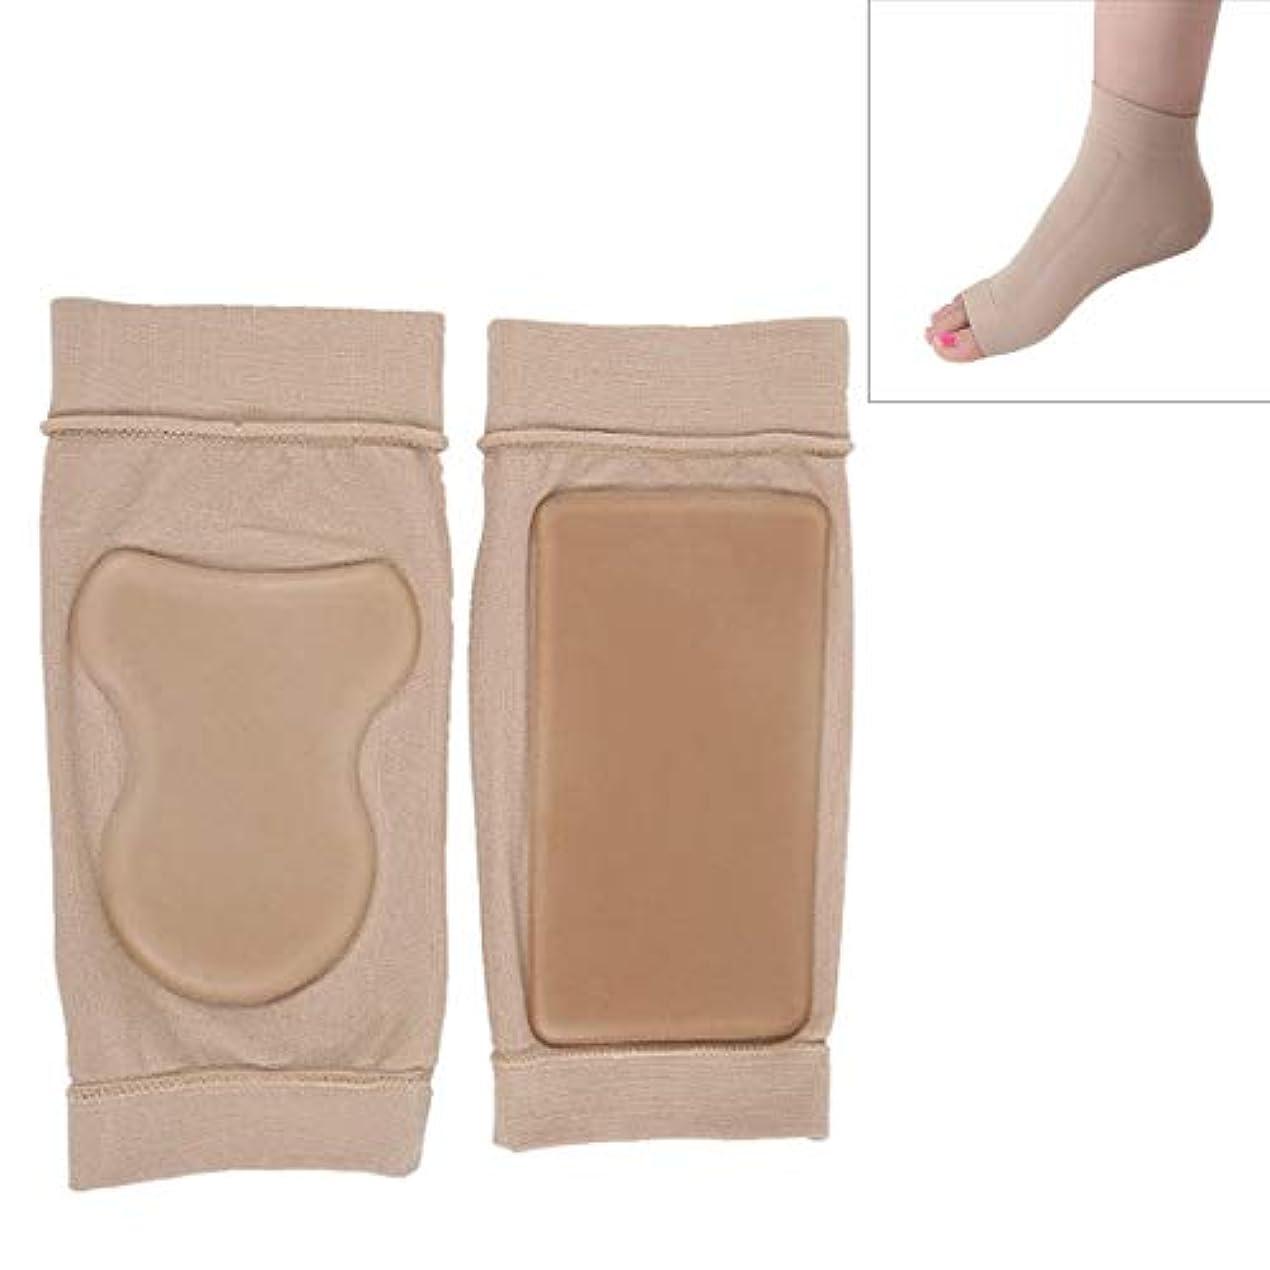 絶対のカレッジ荒野LiziB ソルボ外反母趾サポーターSEBS耐クラック足首の保護ソックス包帯保護スリーブ